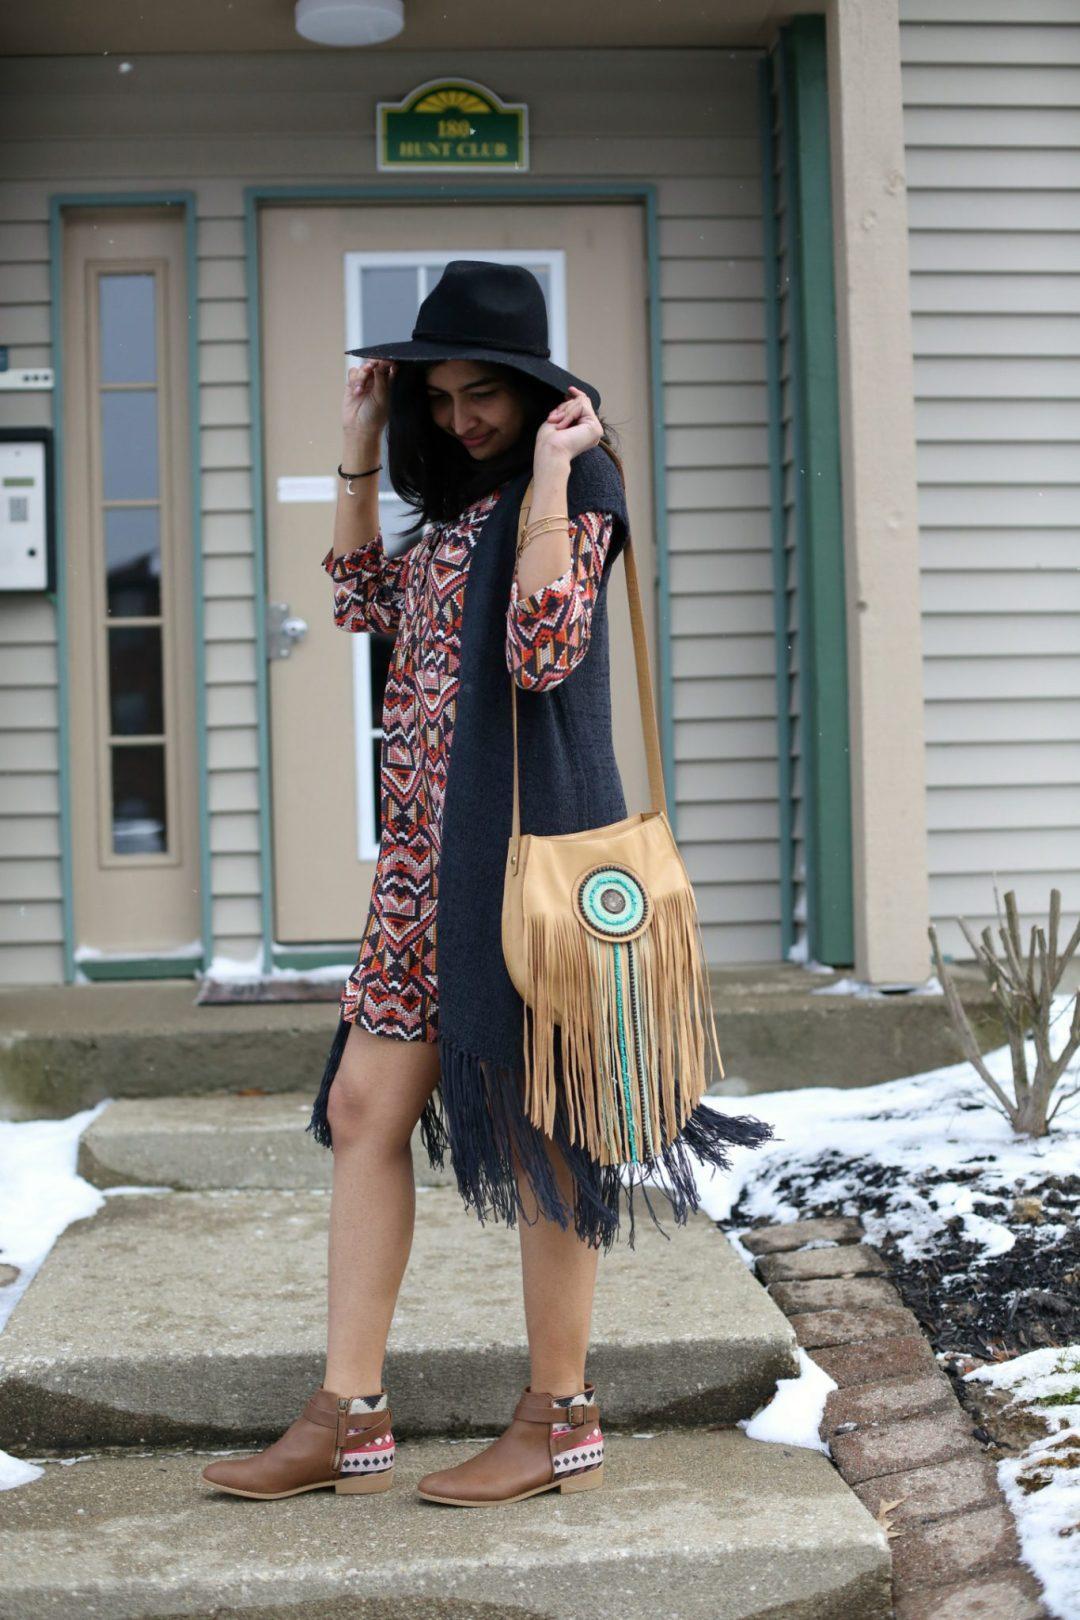 hm-patterned-dress